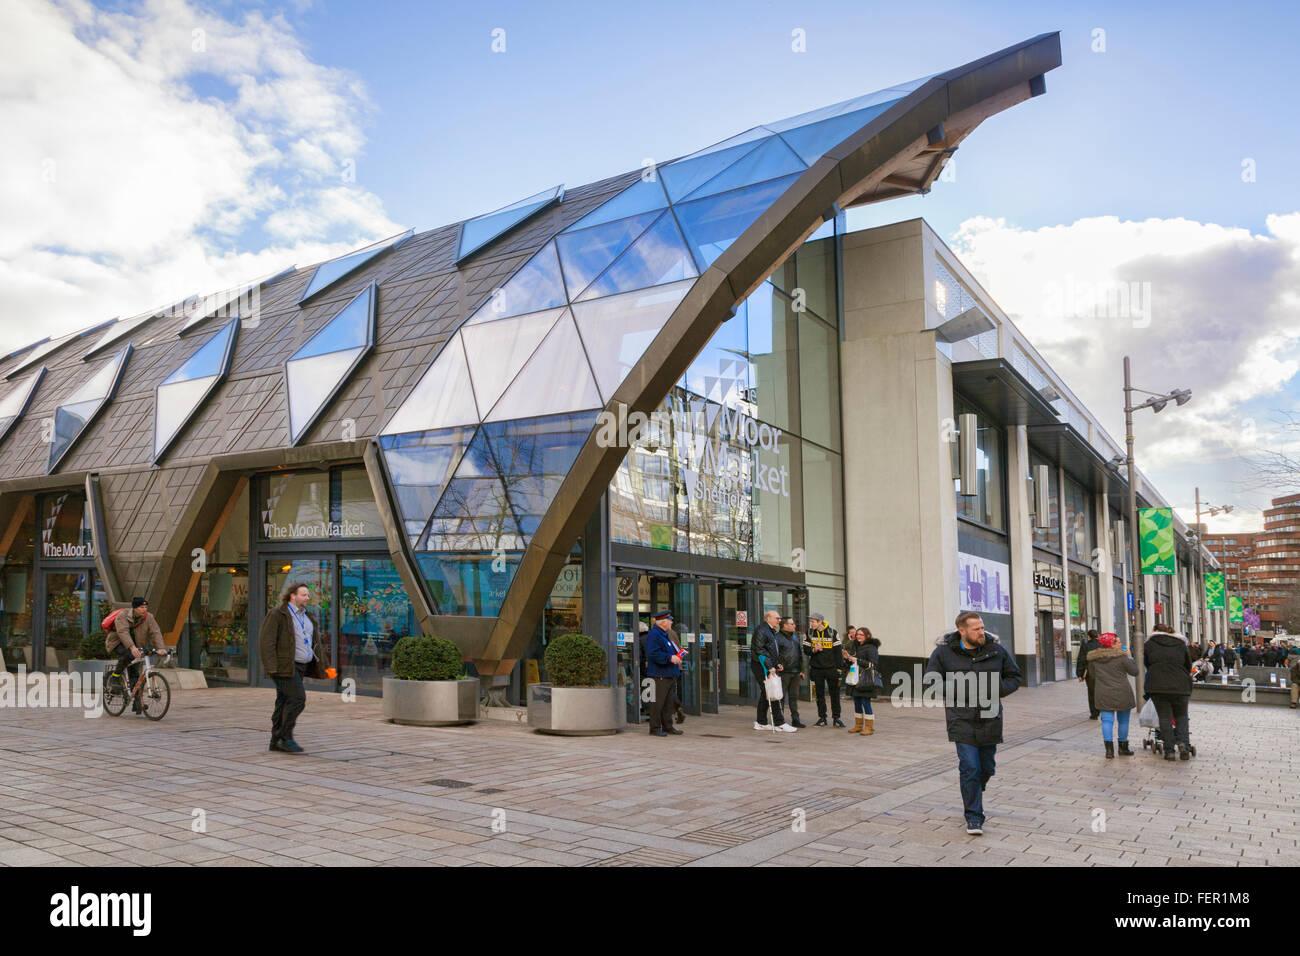 Die Moor-Markthalle, Sheffield, South Yorkshire, England, UK Stockbild